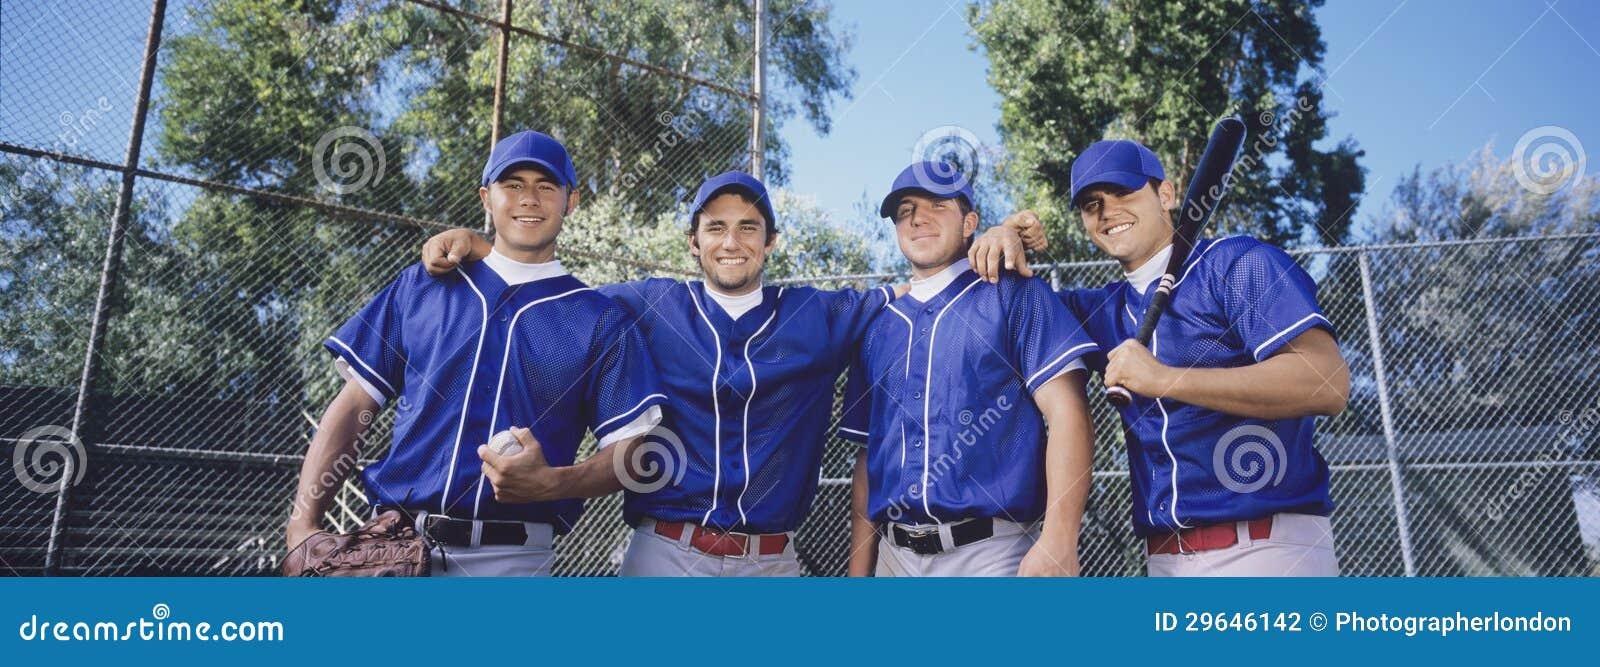 Szczęśliwy gracz baseballa